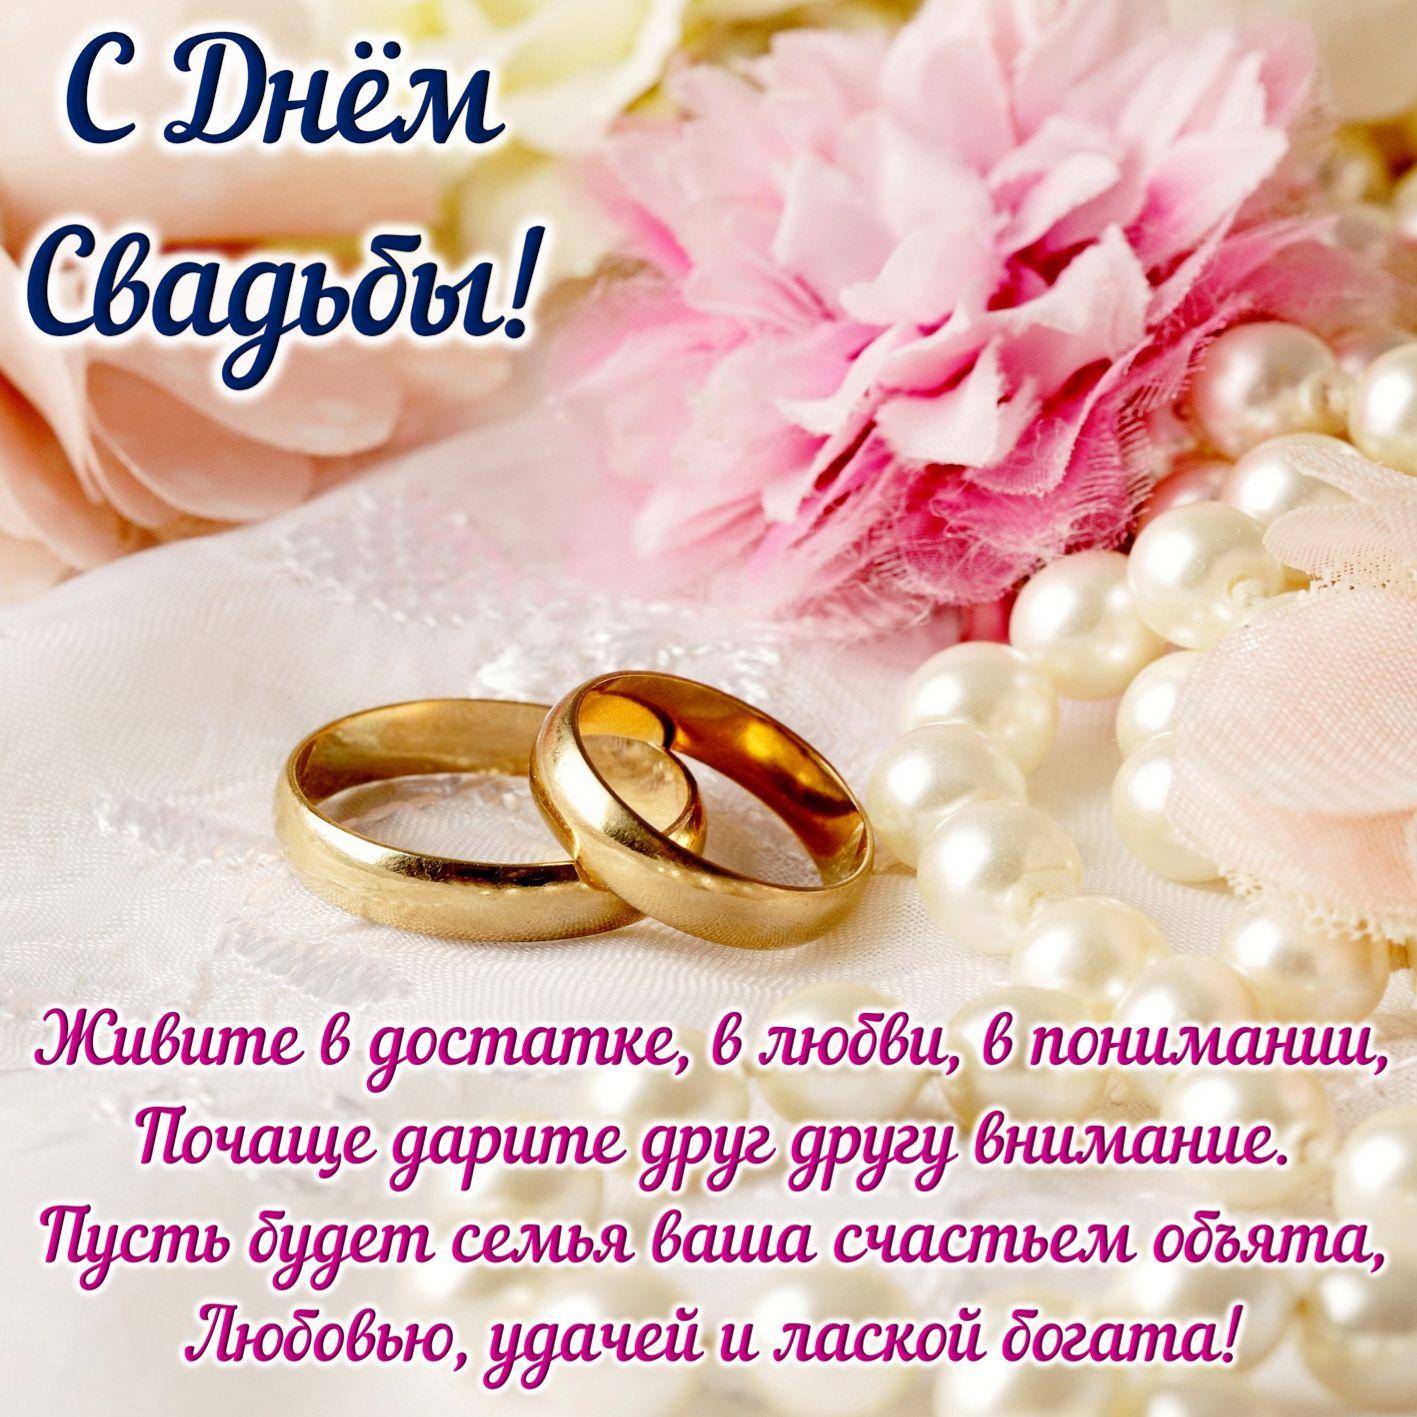 Веганов гифка, короткое поздравление с днем свадьбы своими словами до открытки